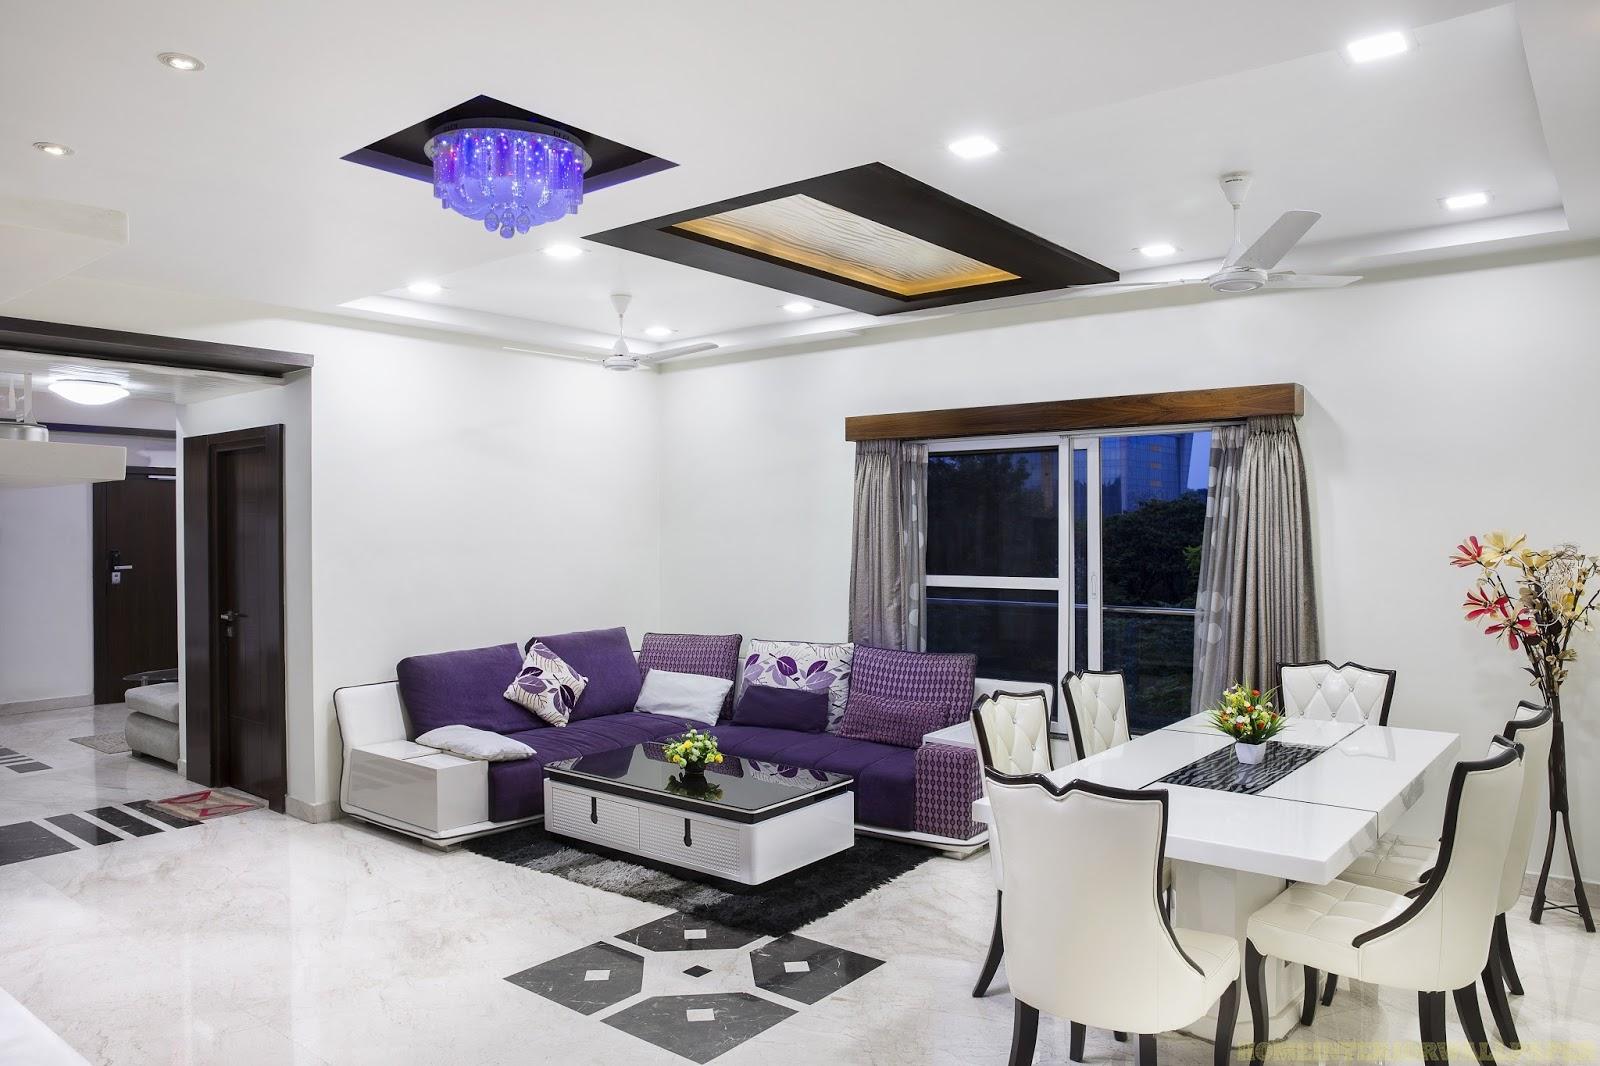 30+ Inspire Home Interior Design Ideas - Home Interior Design Ideas